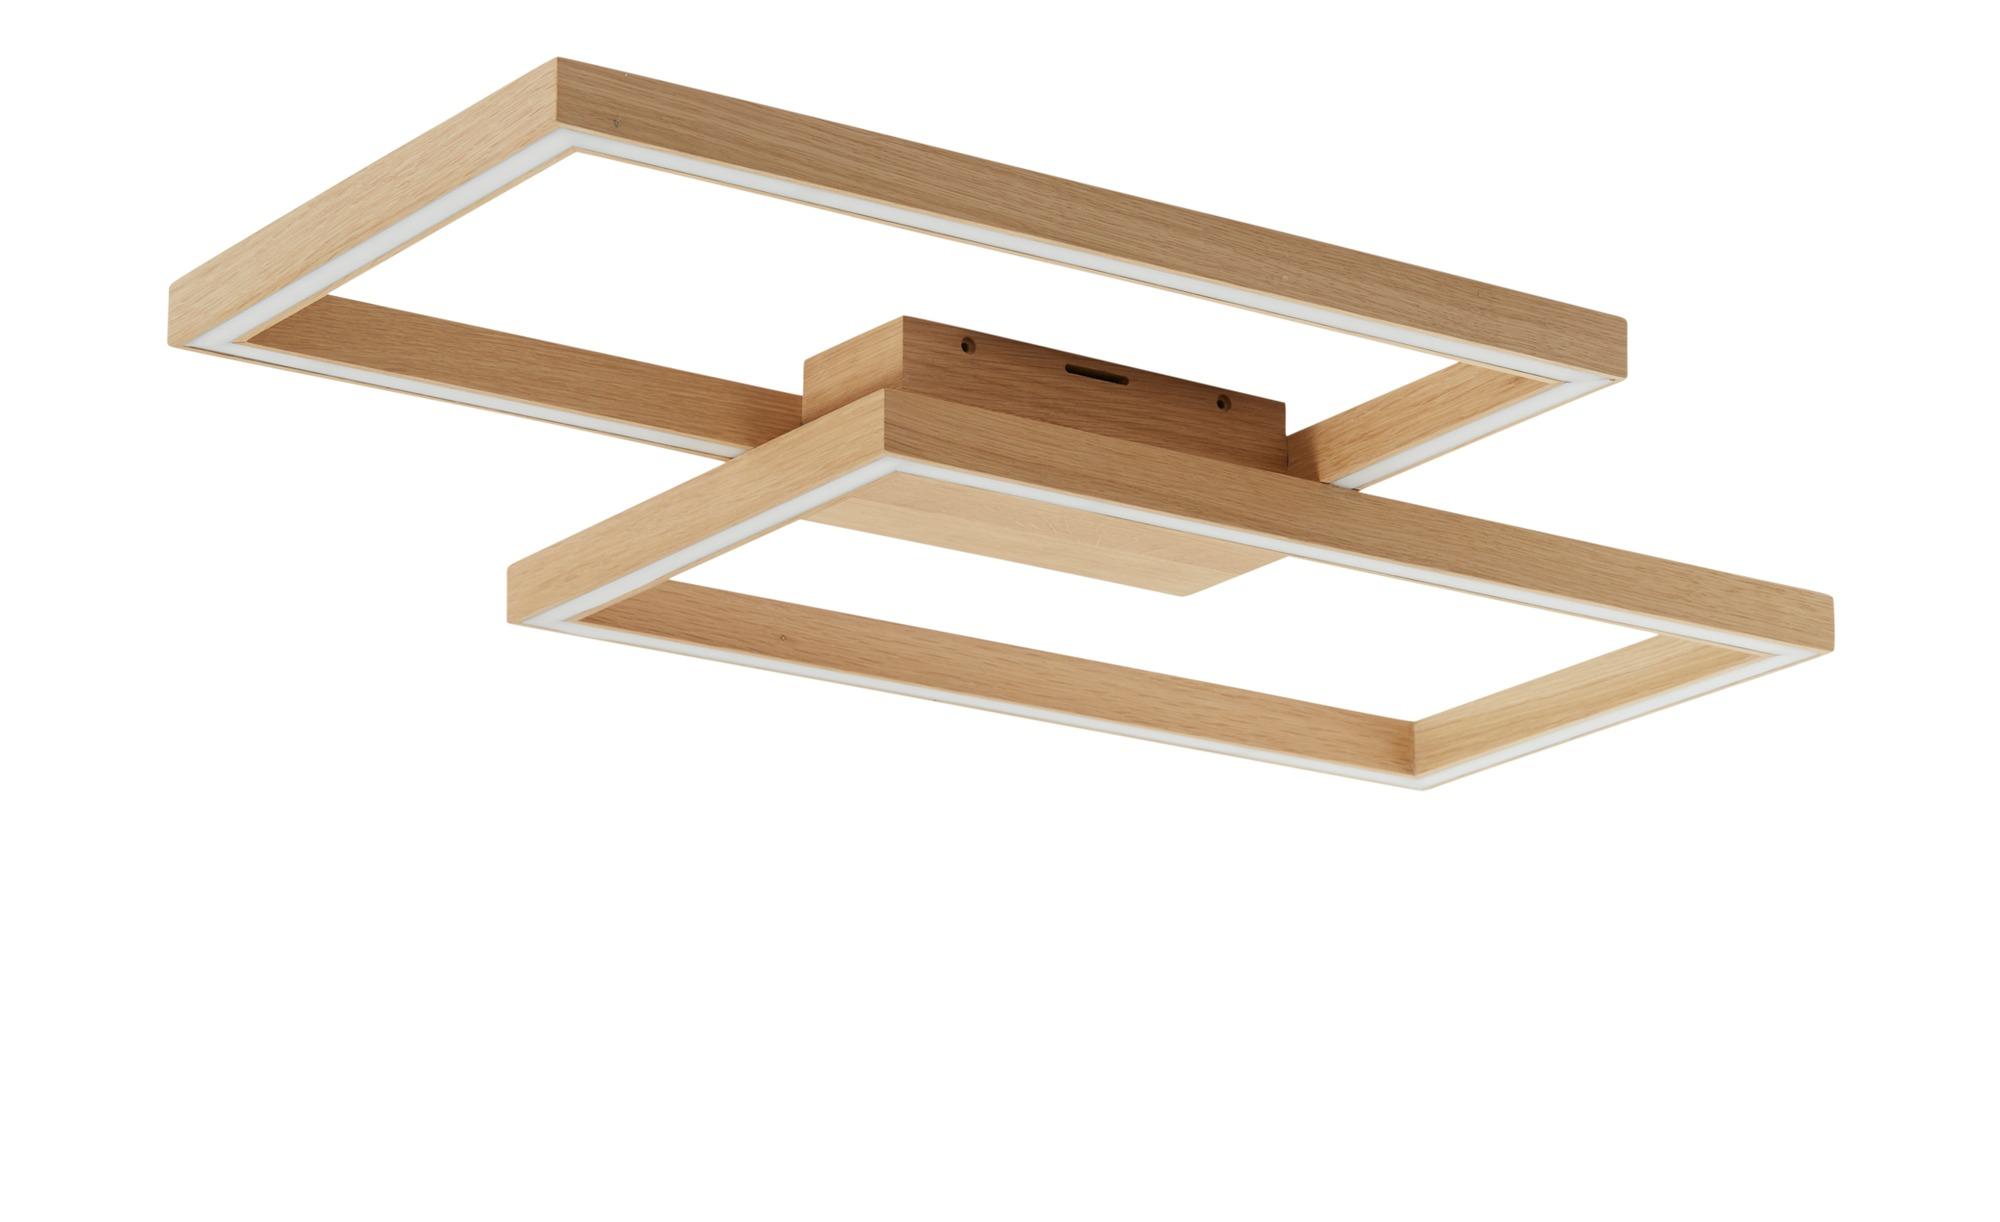 LED-Deckenleuchte, 2-flammig, Eiche geölt, groß ¦ holzfarben ¦ Maße (cm): B: 75 Lampen & Leuchten > Innenleuchten > Deckenleuchten - Höffner